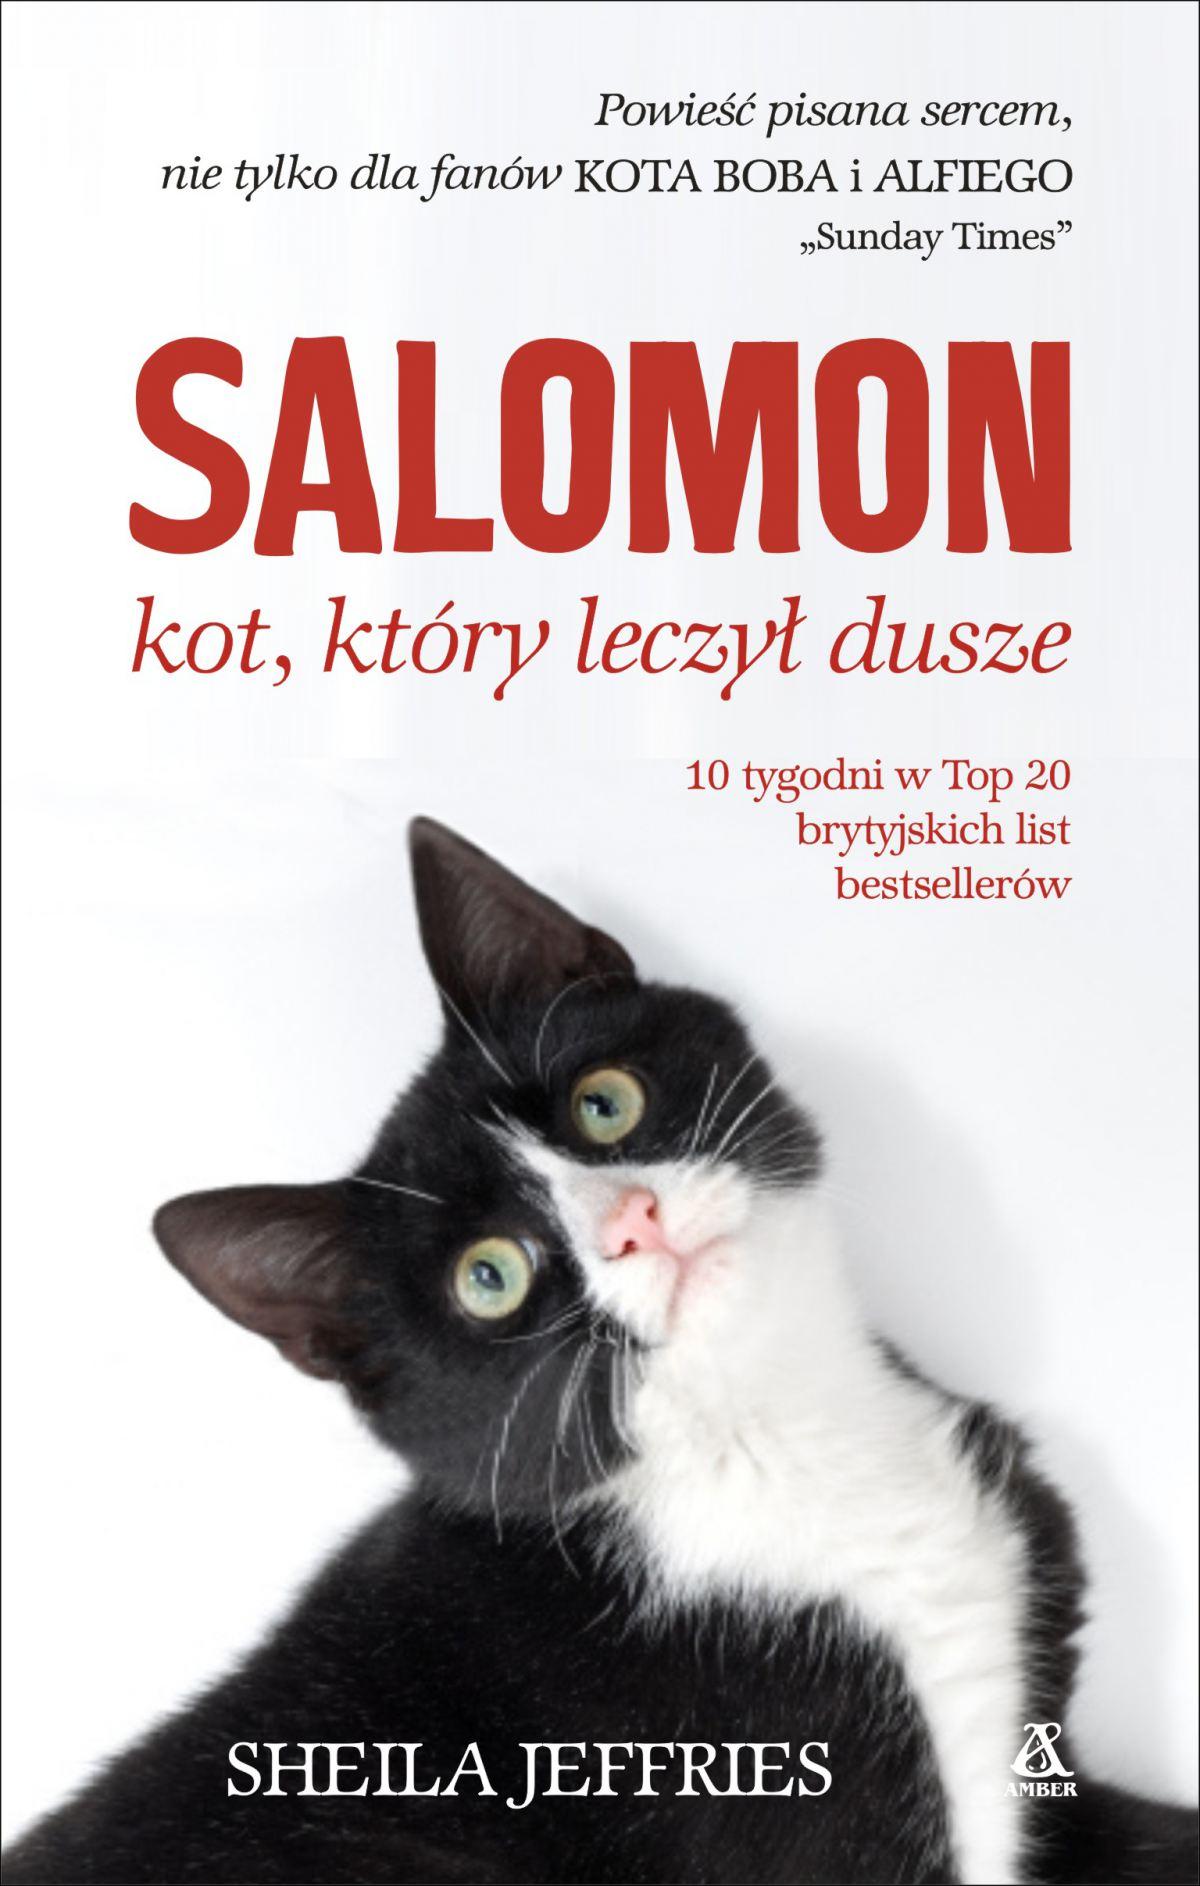 Salomon - kot, który leczył dusze - Ebook (Książka EPUB) do pobrania w formacie EPUB